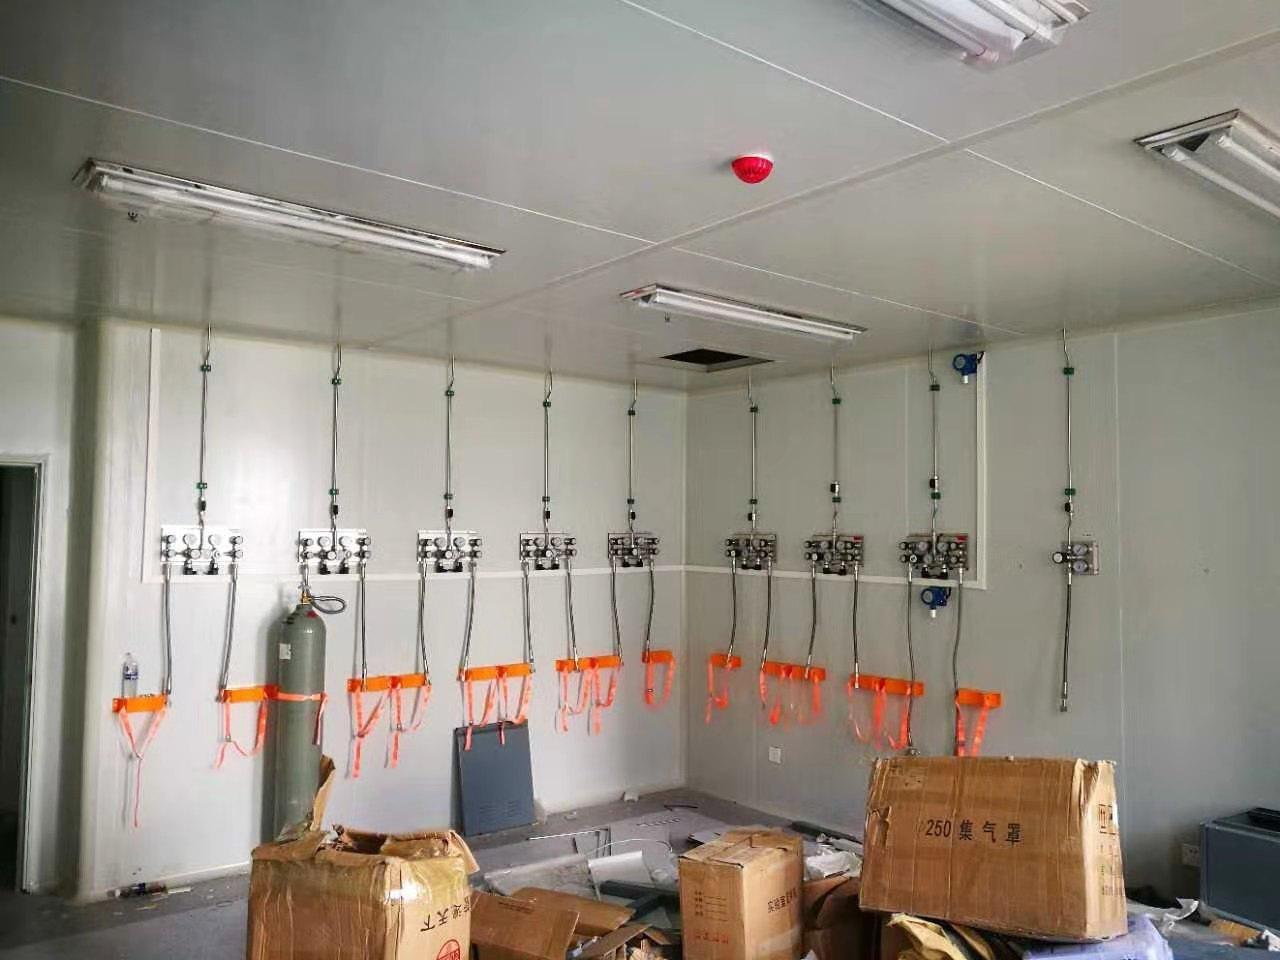 欧杰文内蒙古气路工程合作巴彦淖尔市农牧系统实验保障工程客户